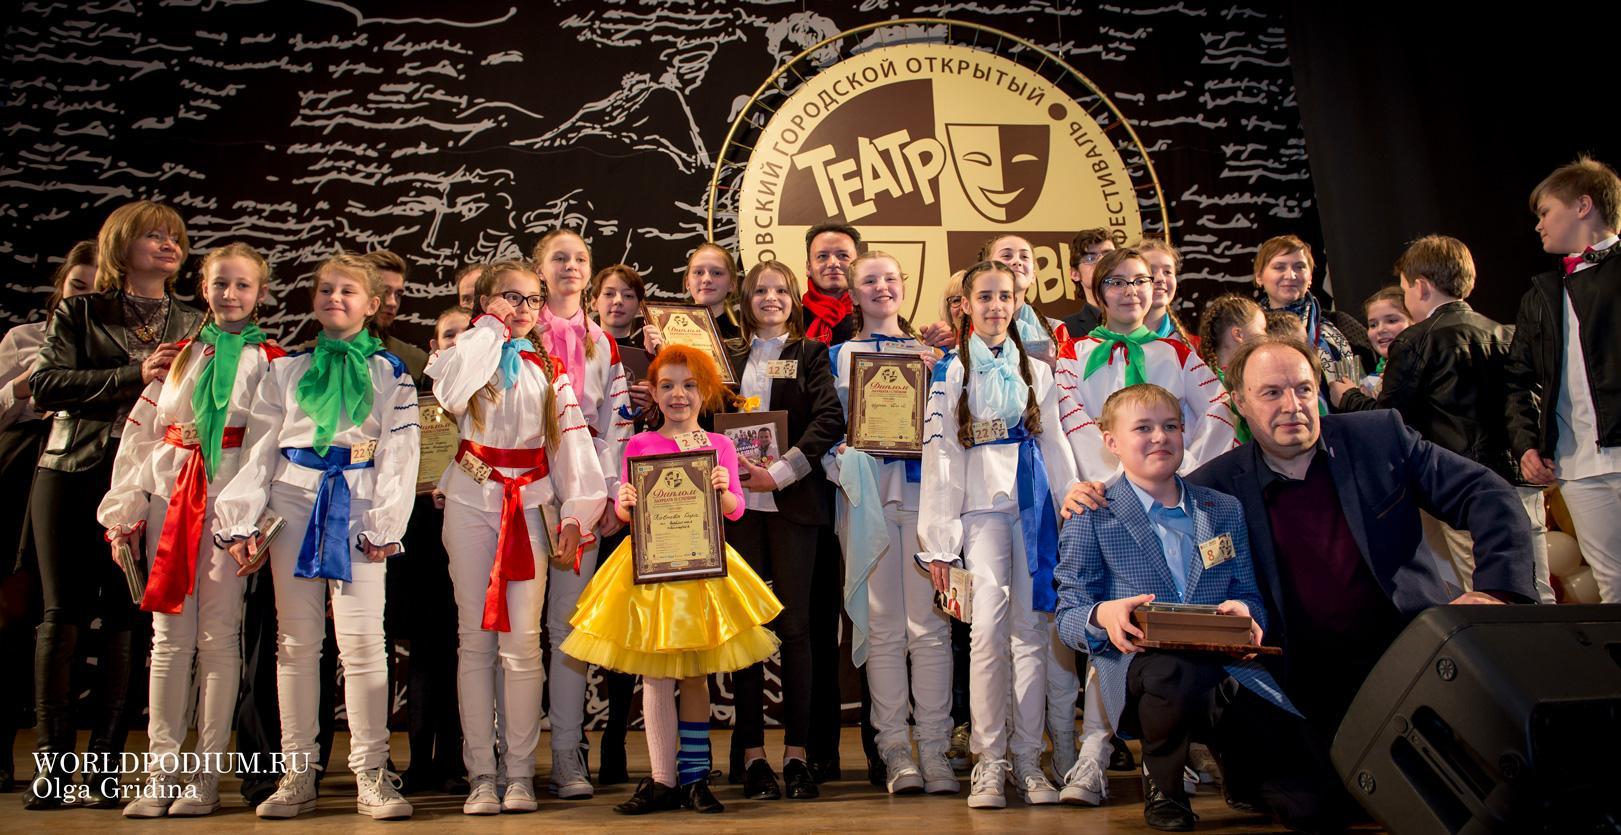 В Москве прошёл масштабный фестиваль «Театр Слова»!